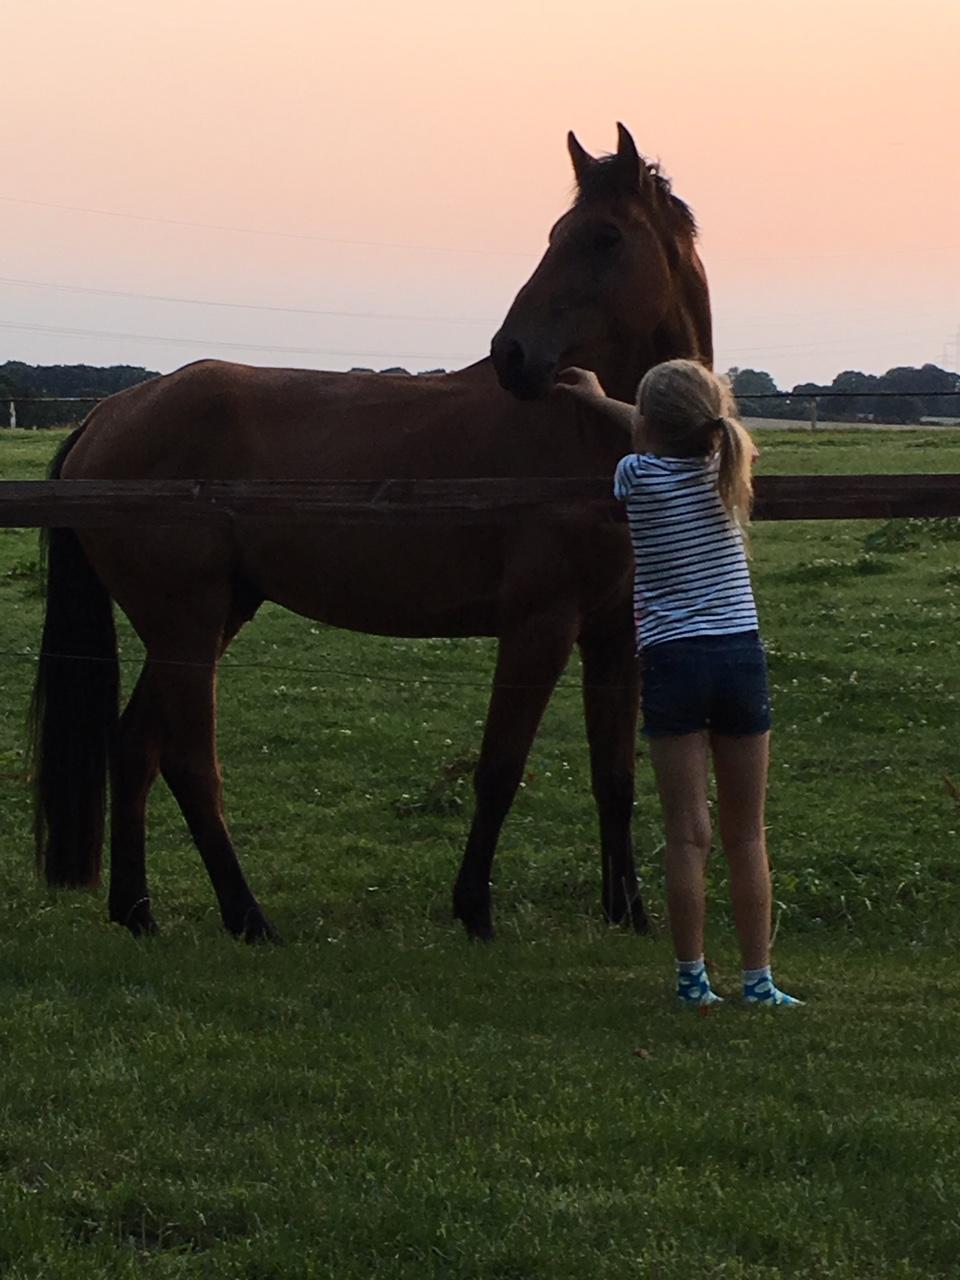 Gut Friederikenhof - Glückliche Pferde und Reiter(in)